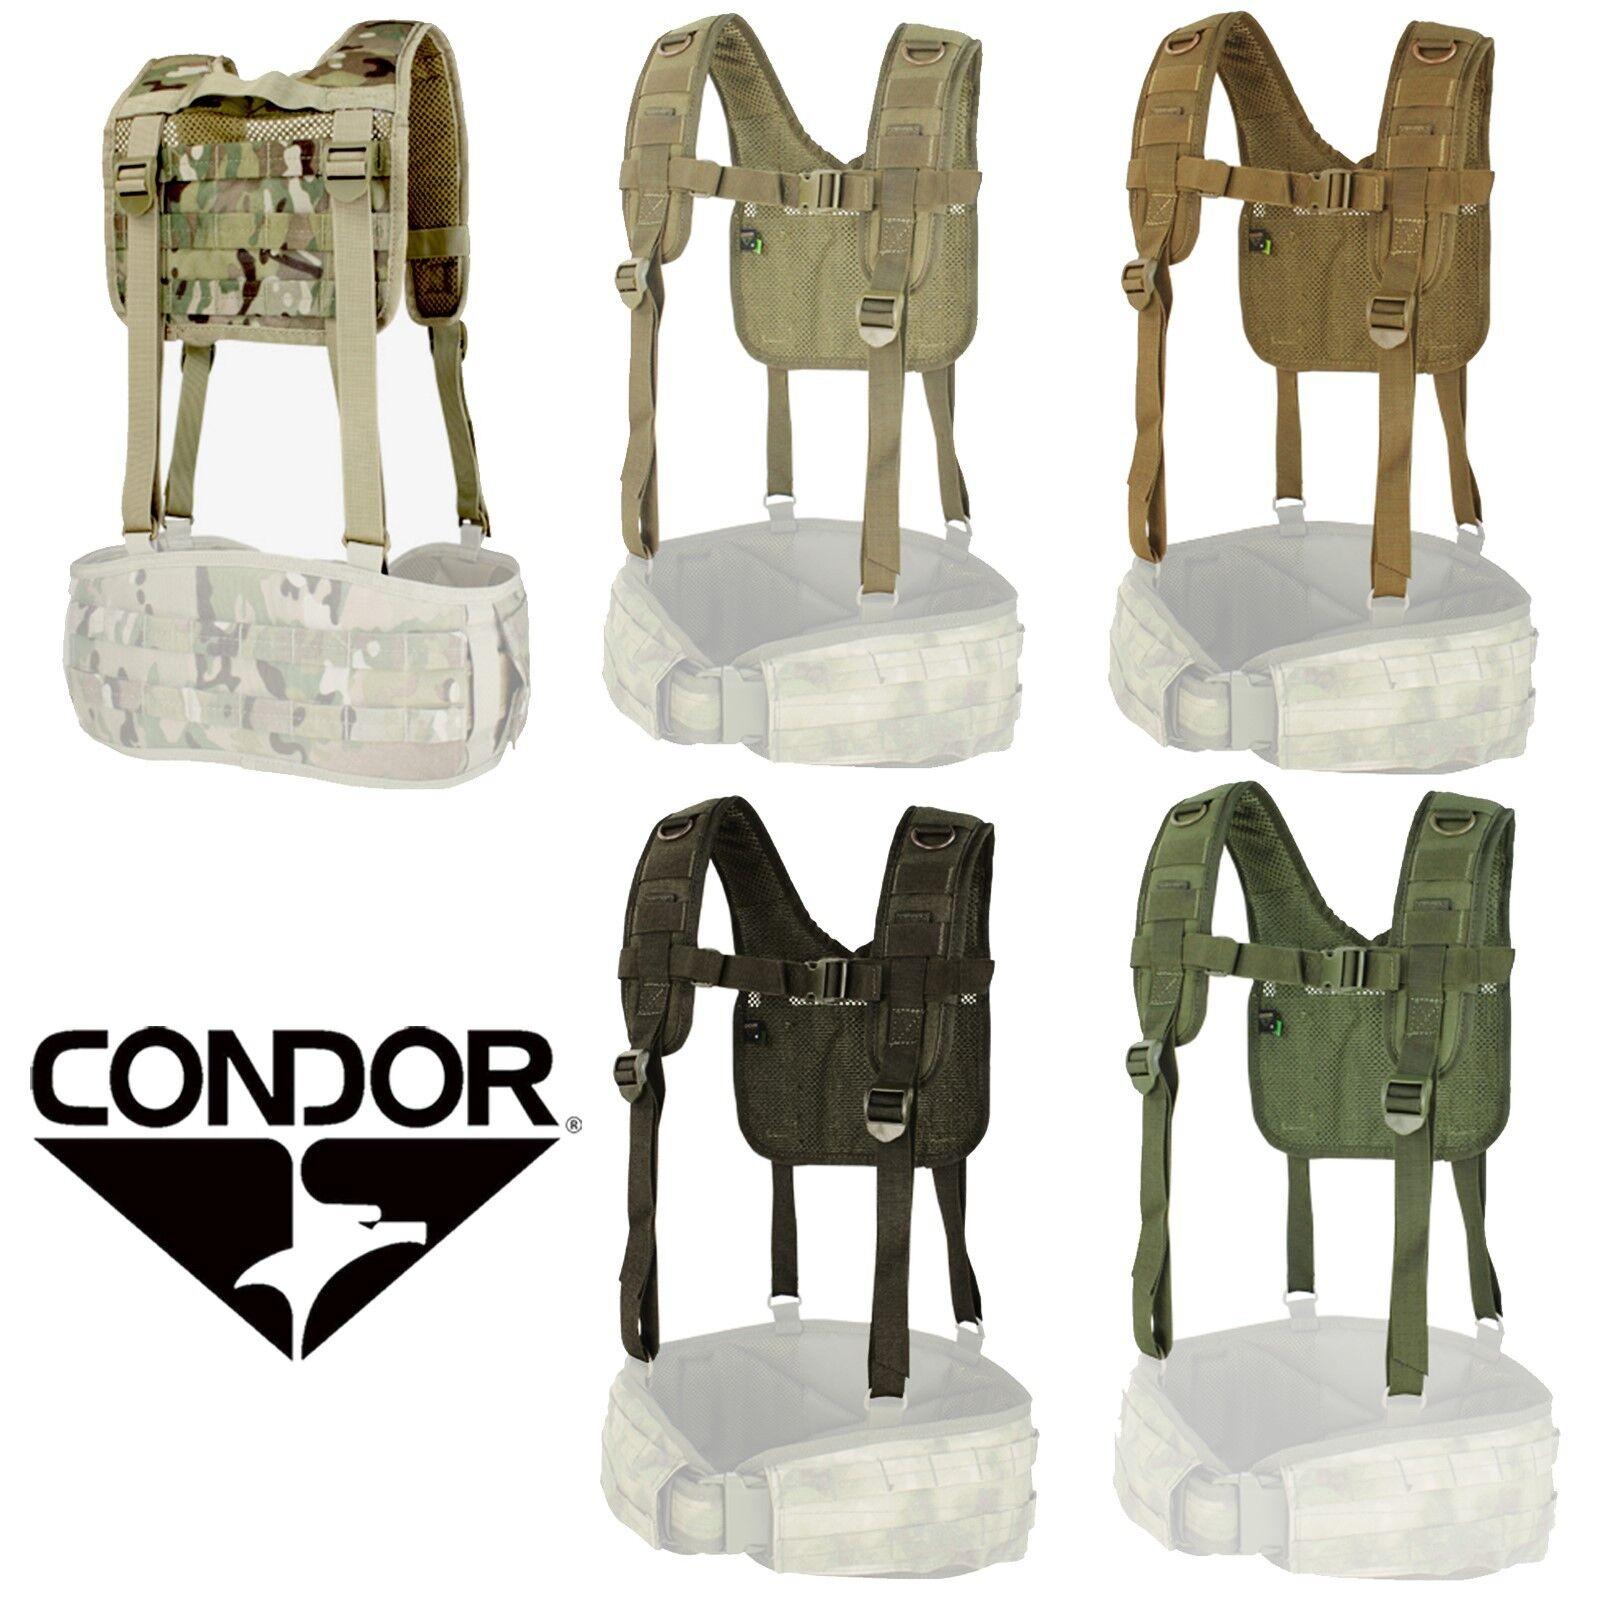 Condor 215 Tactical Adjustable H-Harness Suspenders for 241 Gen II